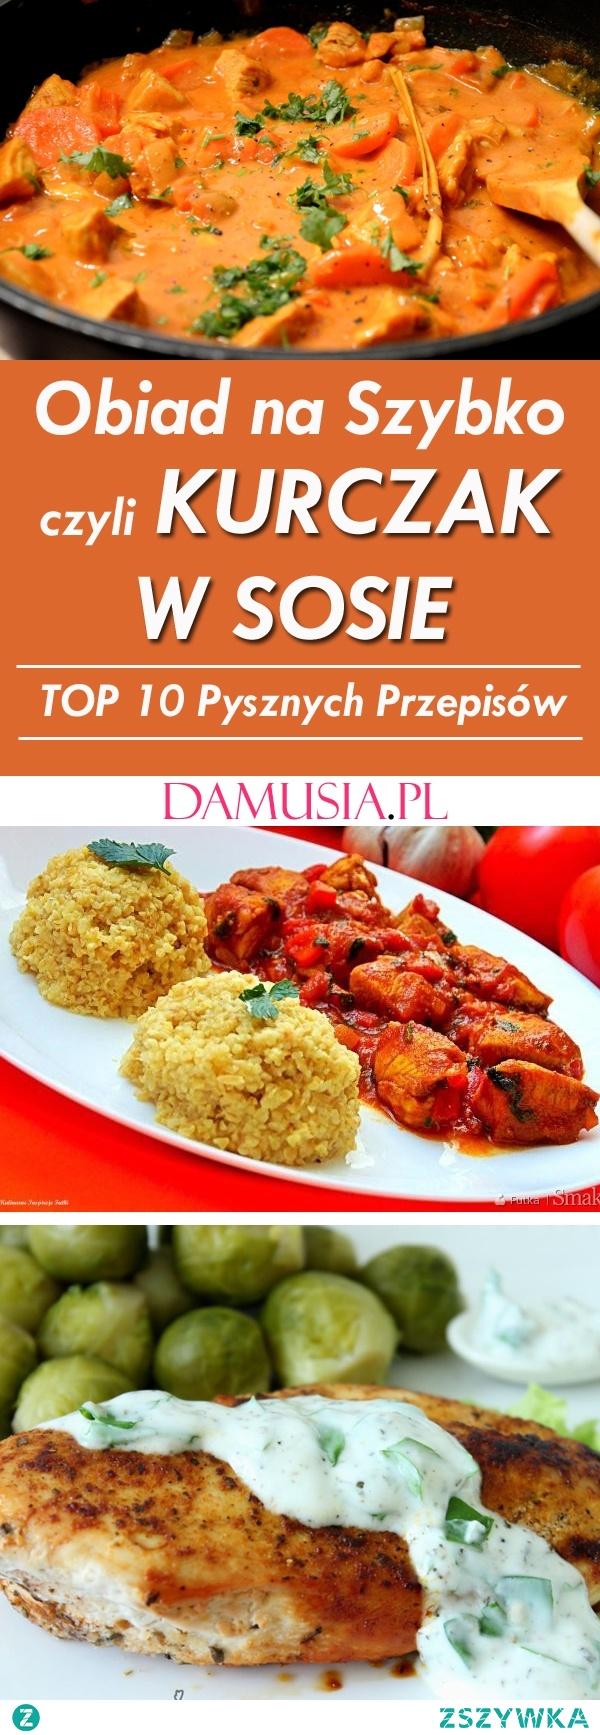 Obiad na Szybko czyli Kurczak w Sosie – TOP 10 Pysznych Przepisów